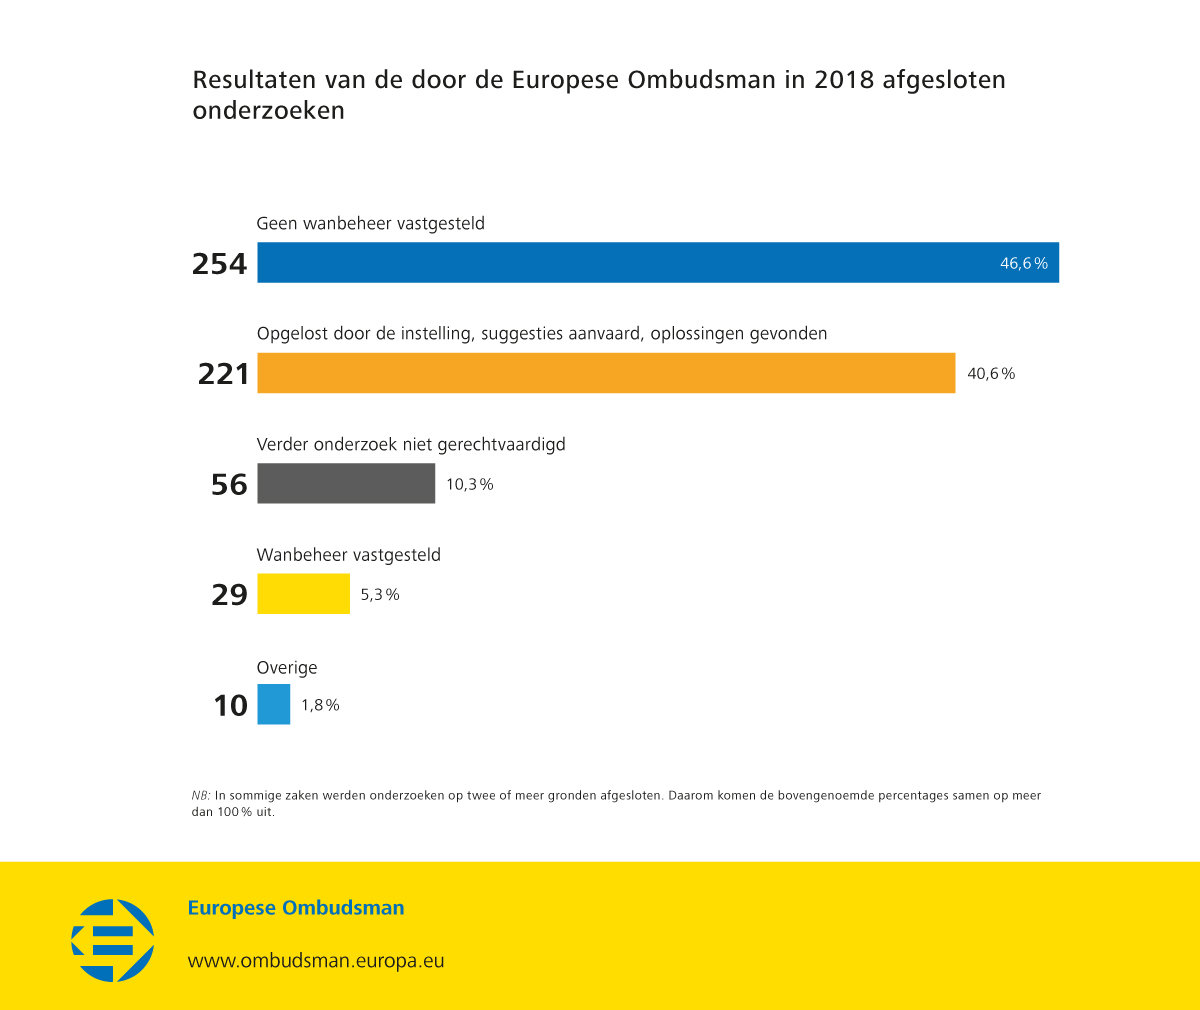 Resultaten van de door de Europese Ombudsman in 2018 afgesloten onderzoeken